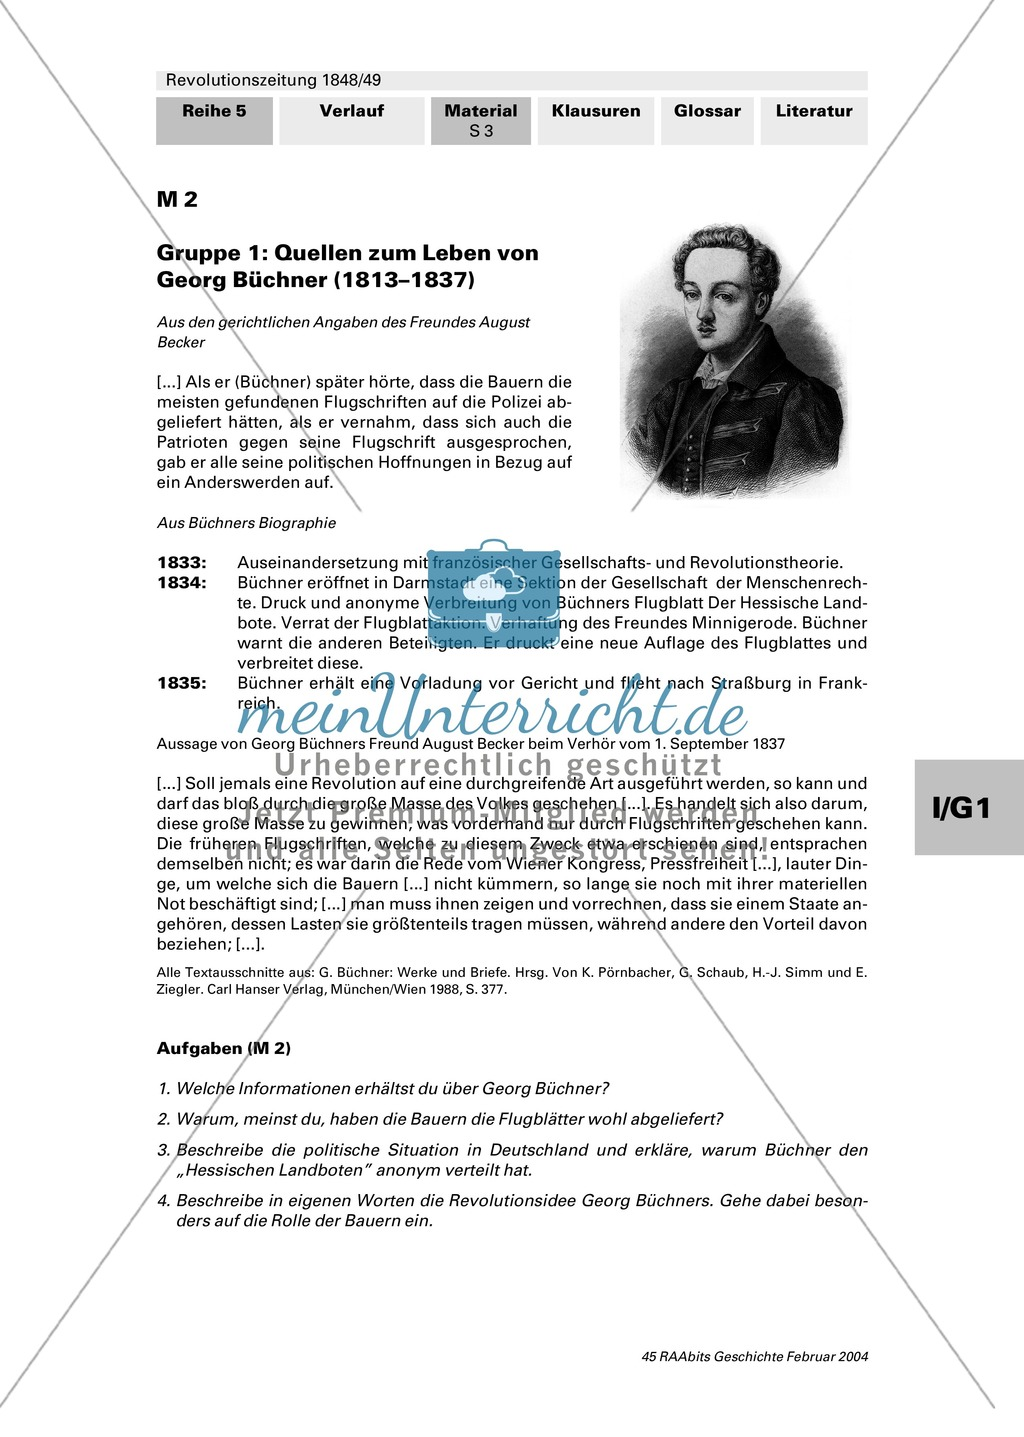 """Revolutionszeitung 1848/49 erstellen: Steckbrief Georg Büchner + Quellen zum Leben von Georg Büchner + Georg Büchner: """"Der Hessische Landbote"""" Preview 2"""